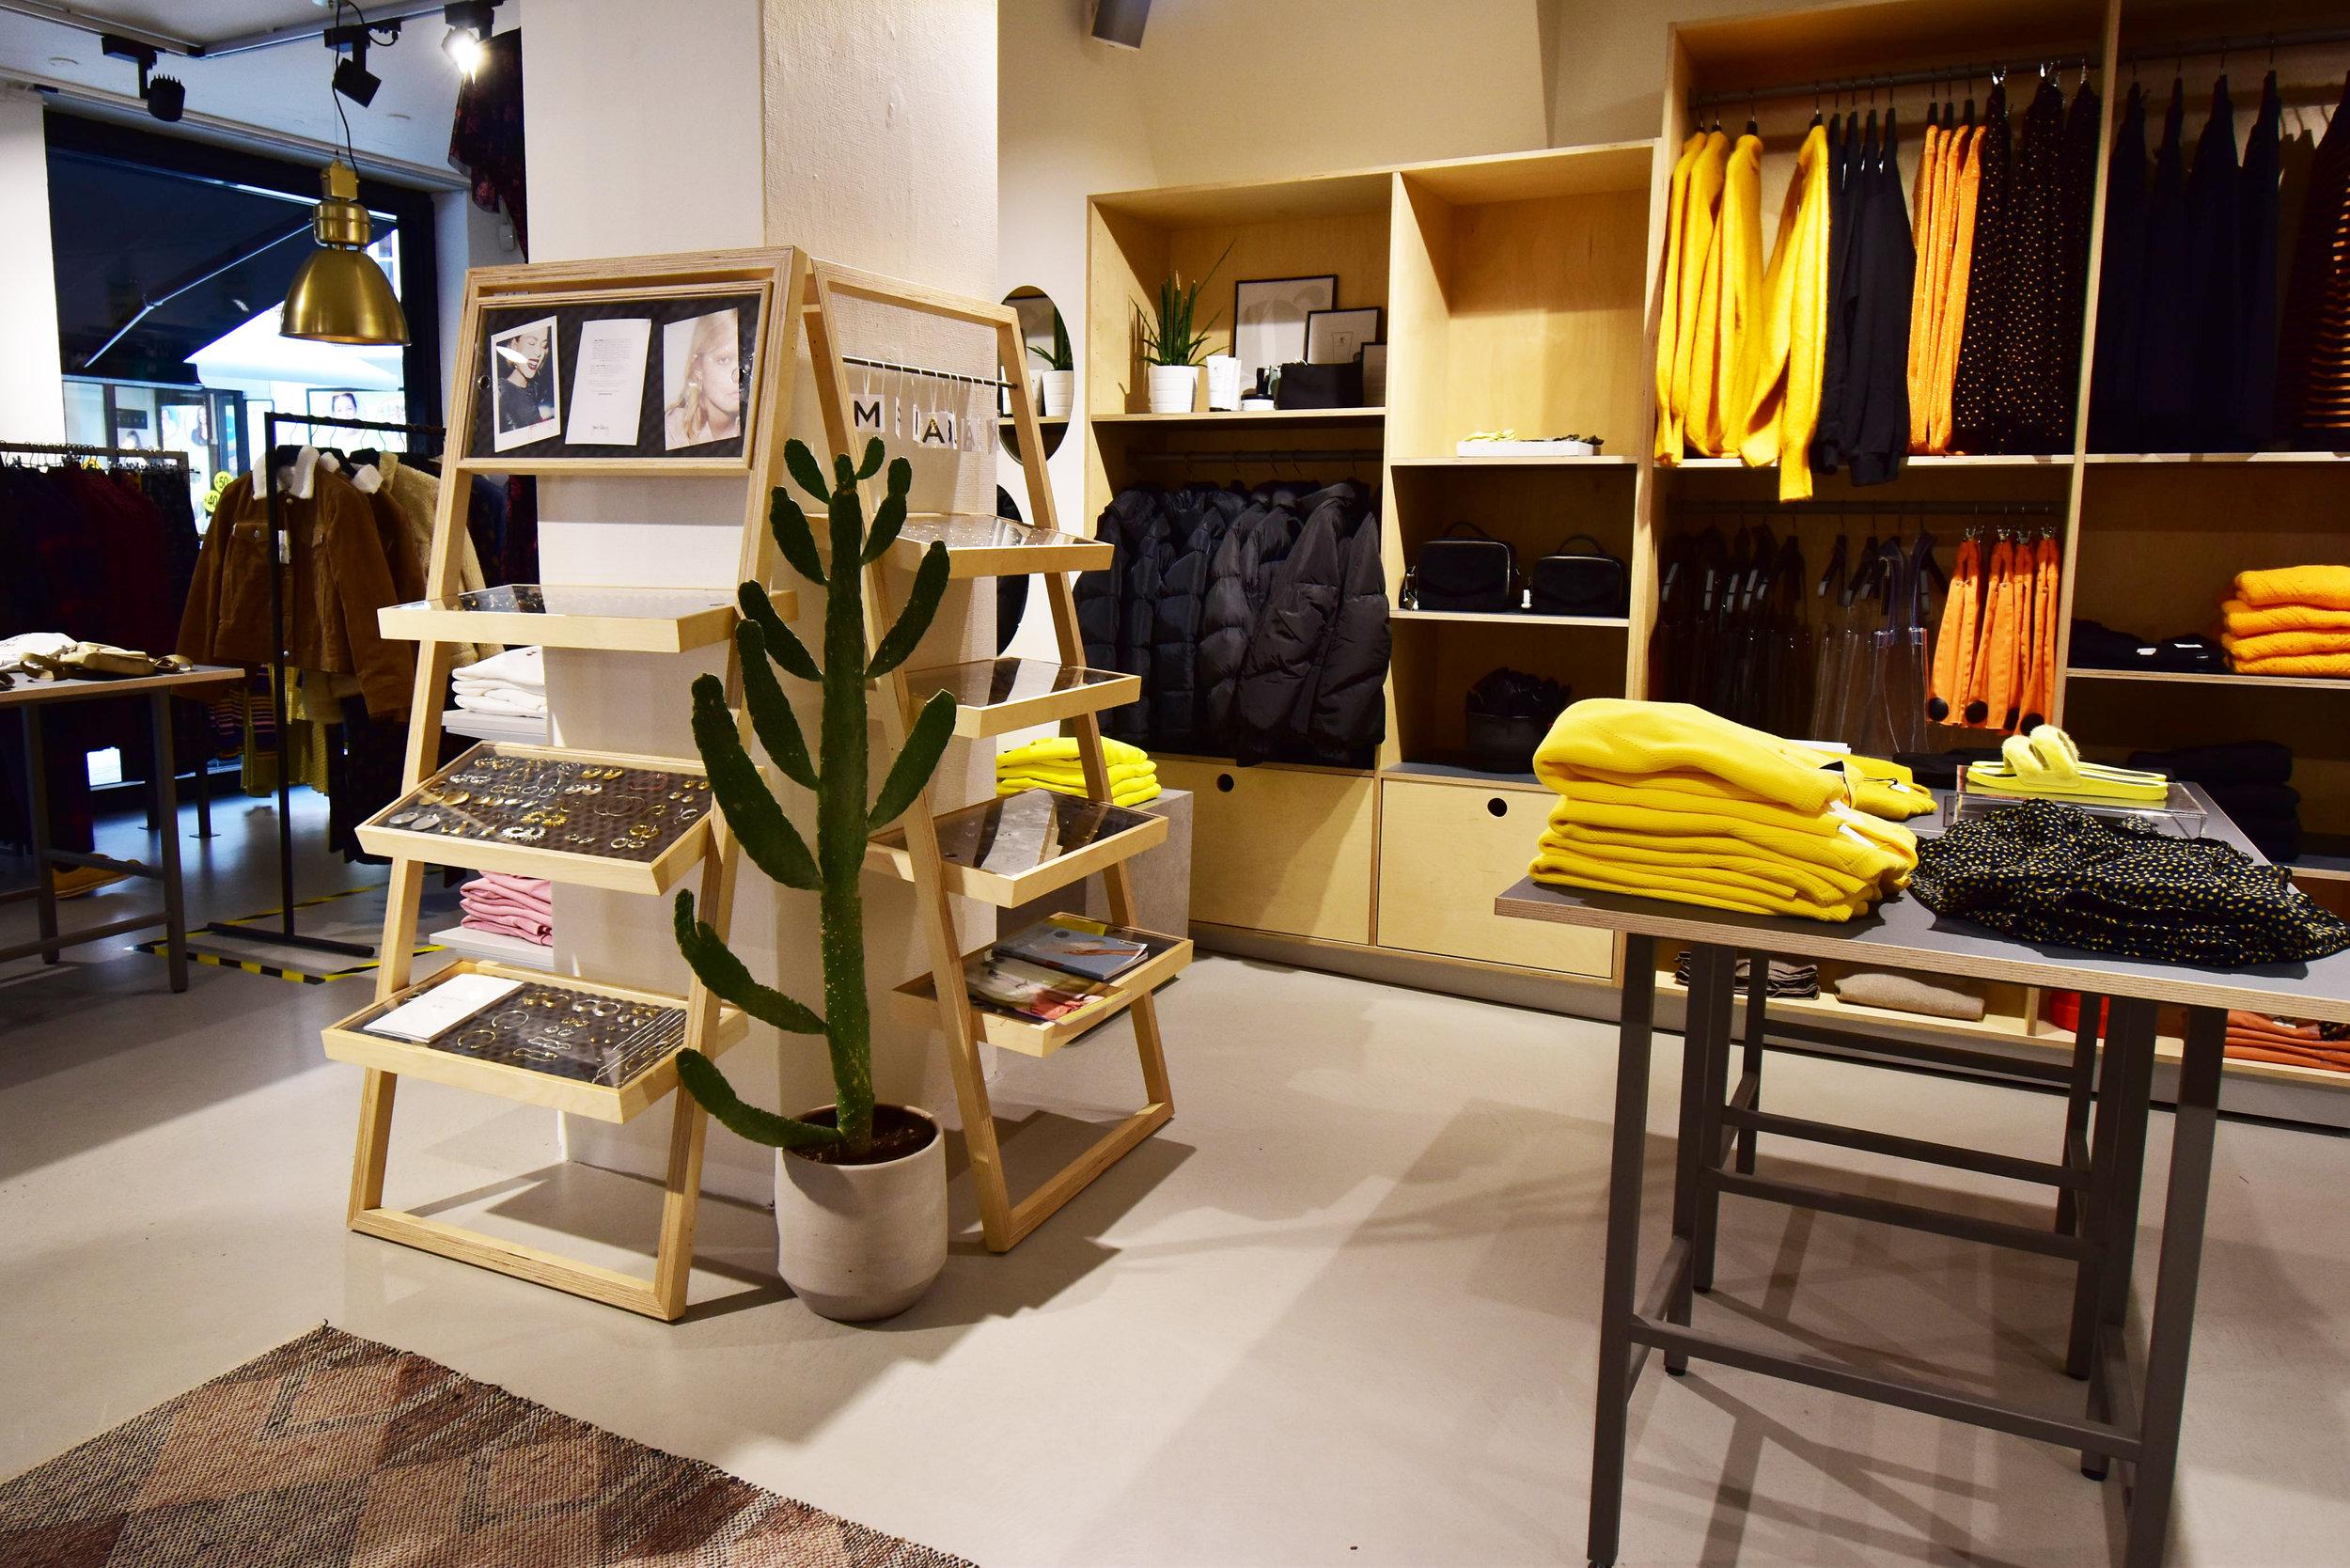 Munk Store_Holstebro_03.jpg